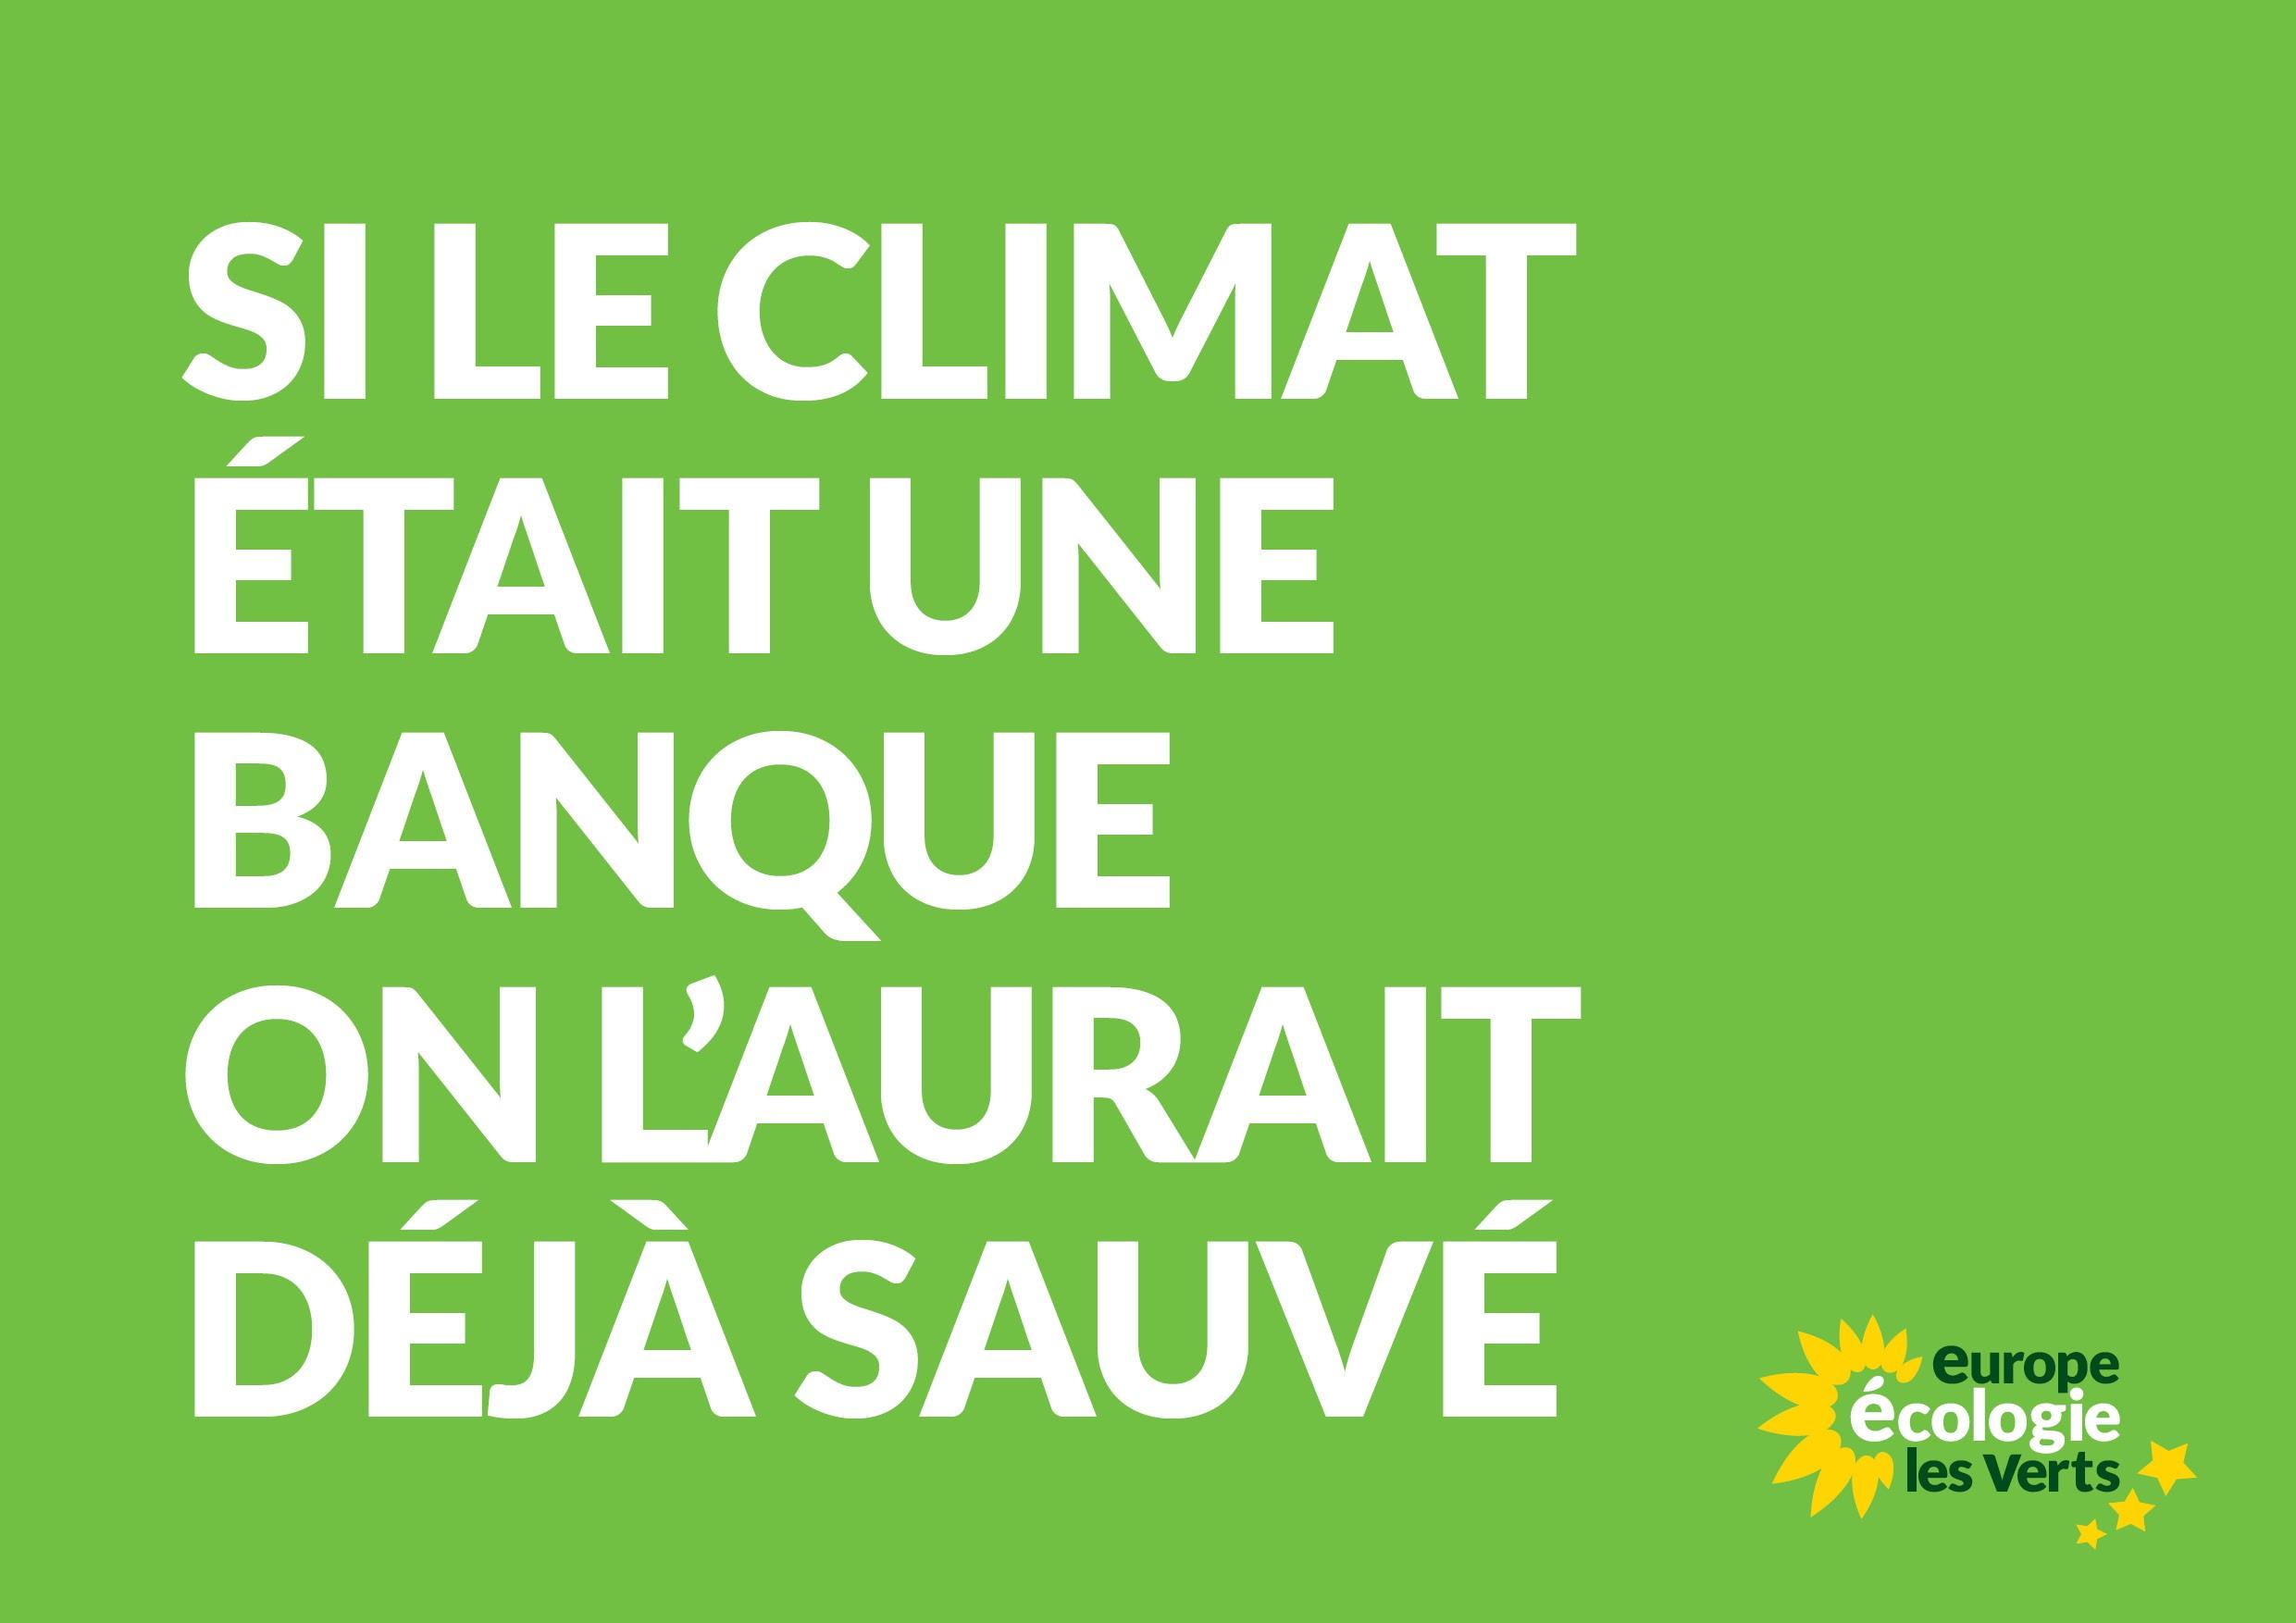 Marche pour le climat : 8 décembre 18